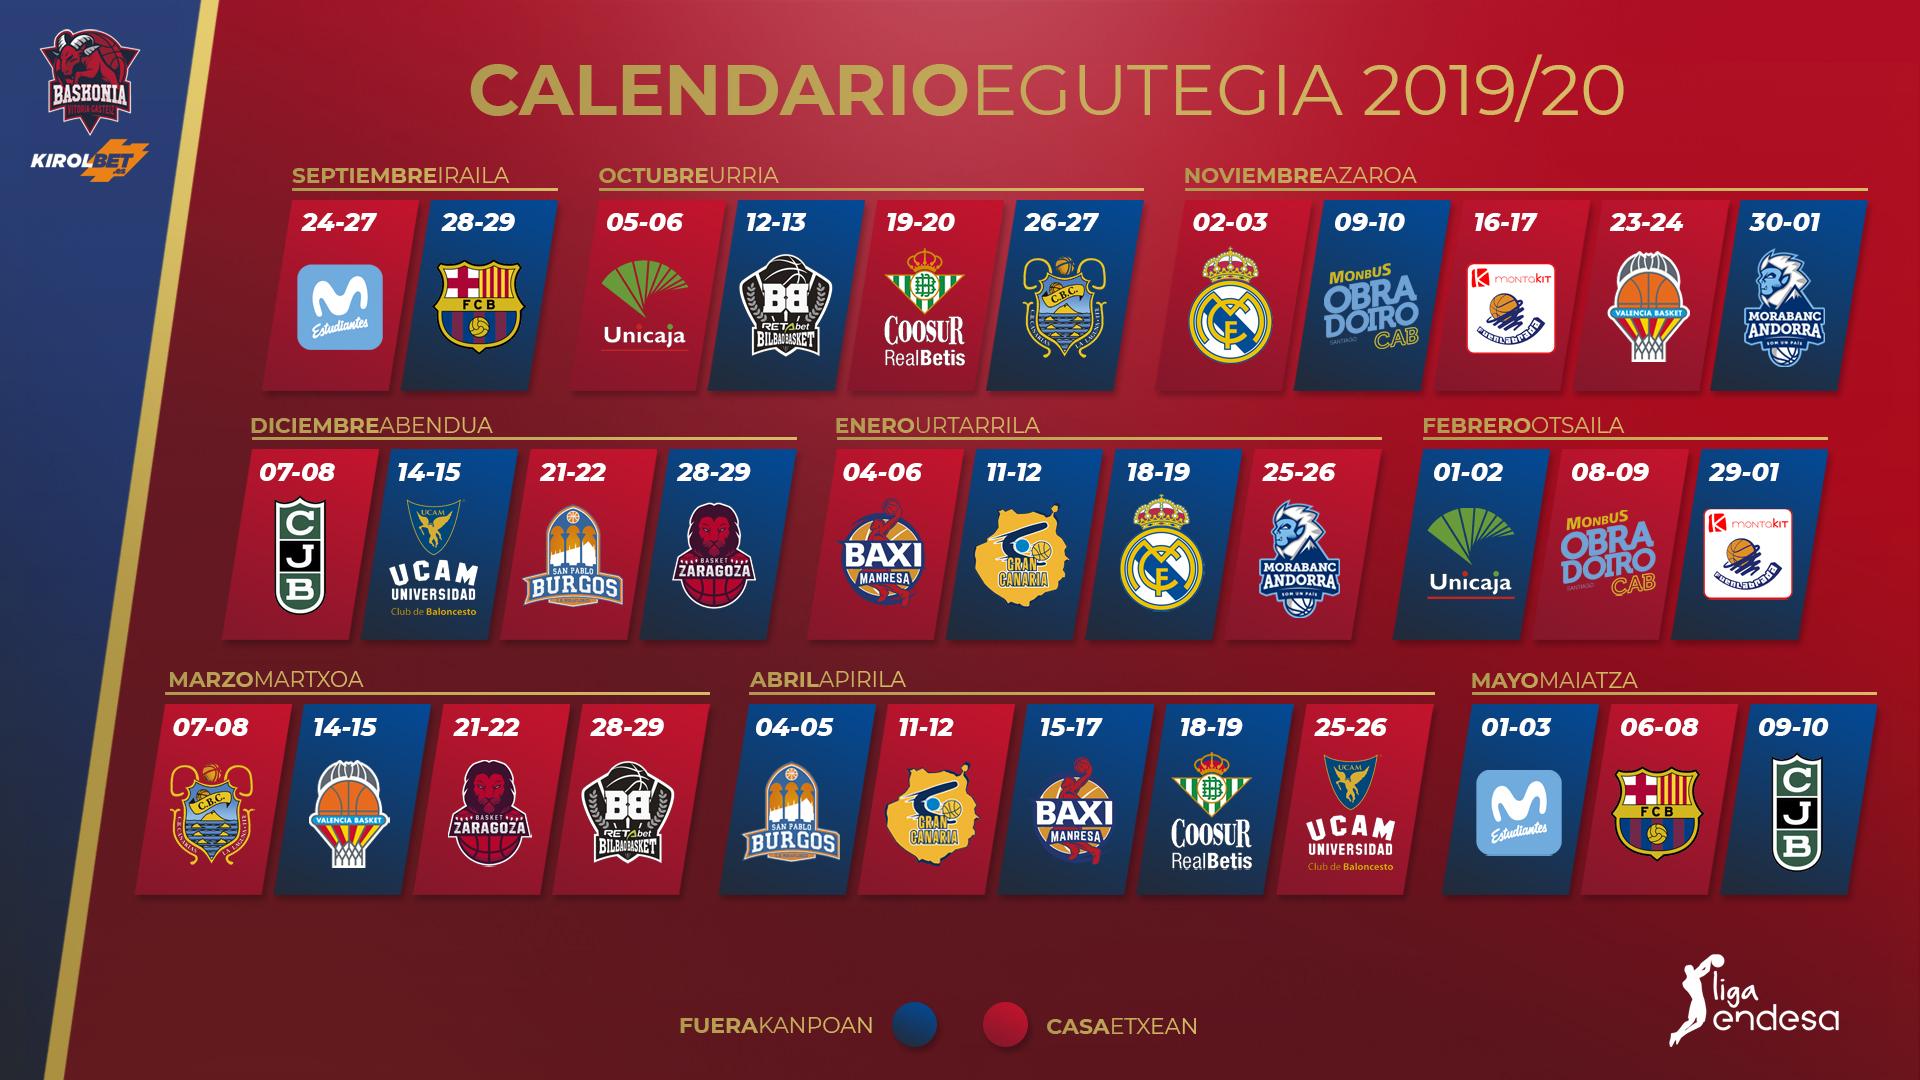 Acb Calendario 2020.Kirolbet Baskonia Ya Conoce El Calendario De La Liga Endesa